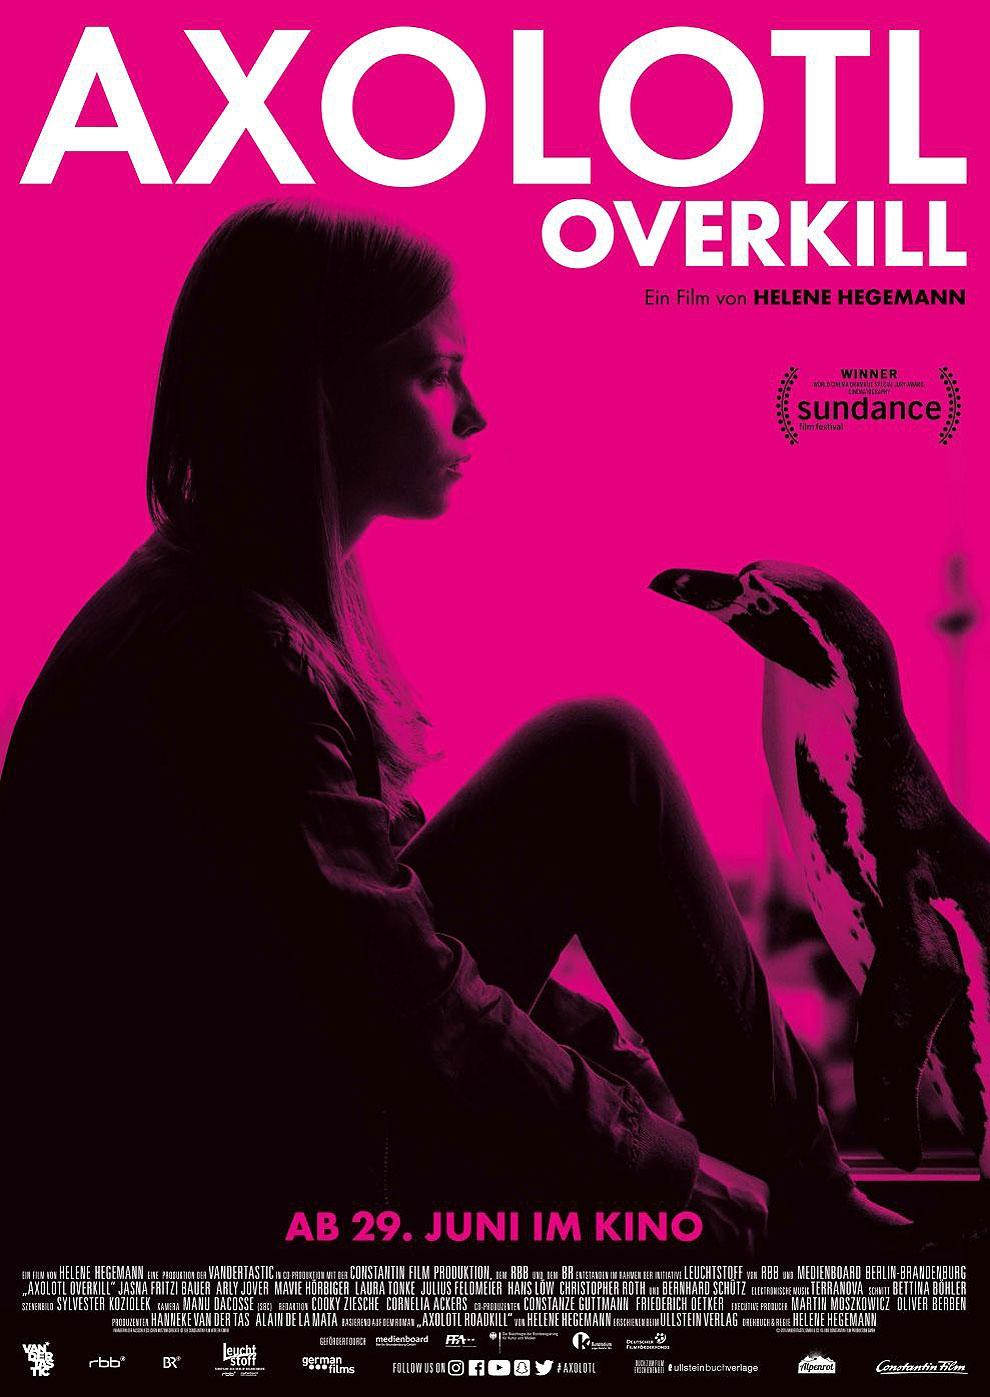 Axolotl Overkill (Poster)